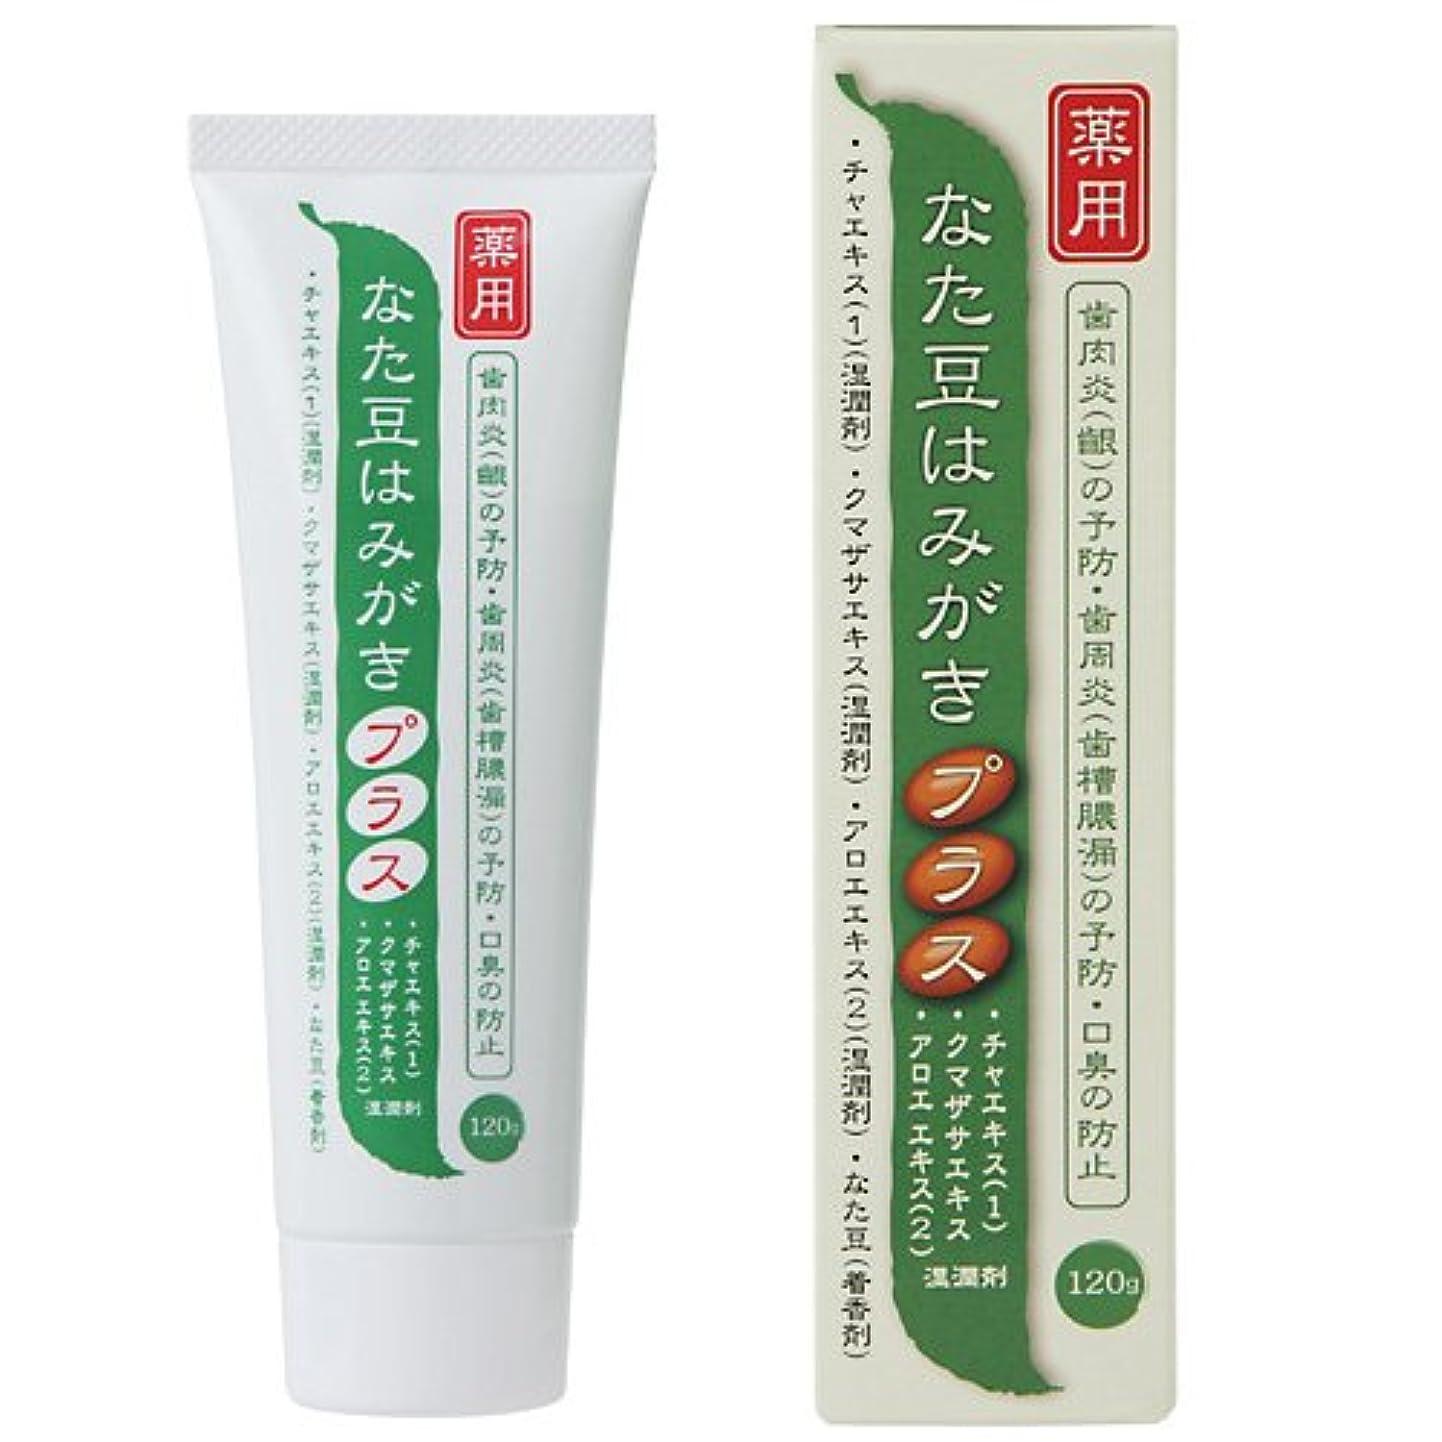 忘れっぽいアクション裸プラセス製薬 薬用なた豆歯磨き プラス 120g